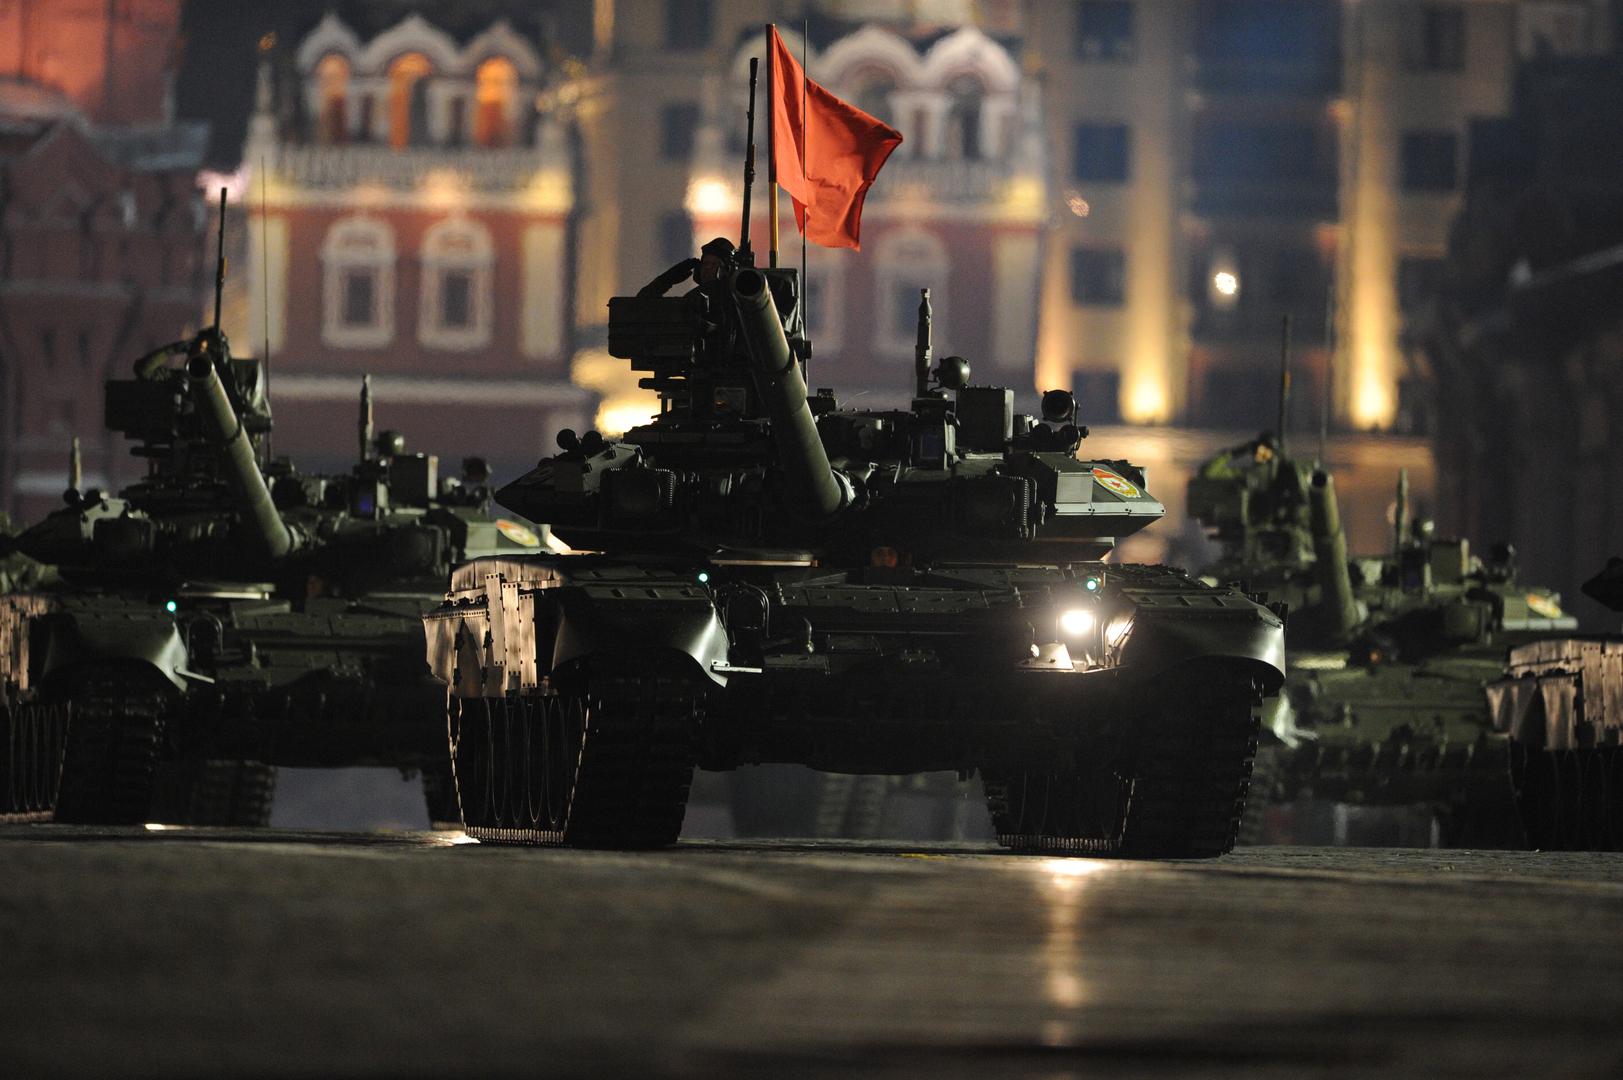 هل حصلت مصر على أحد أقوى الأسلحة البرية الروسية؟ (صور+فيديو)